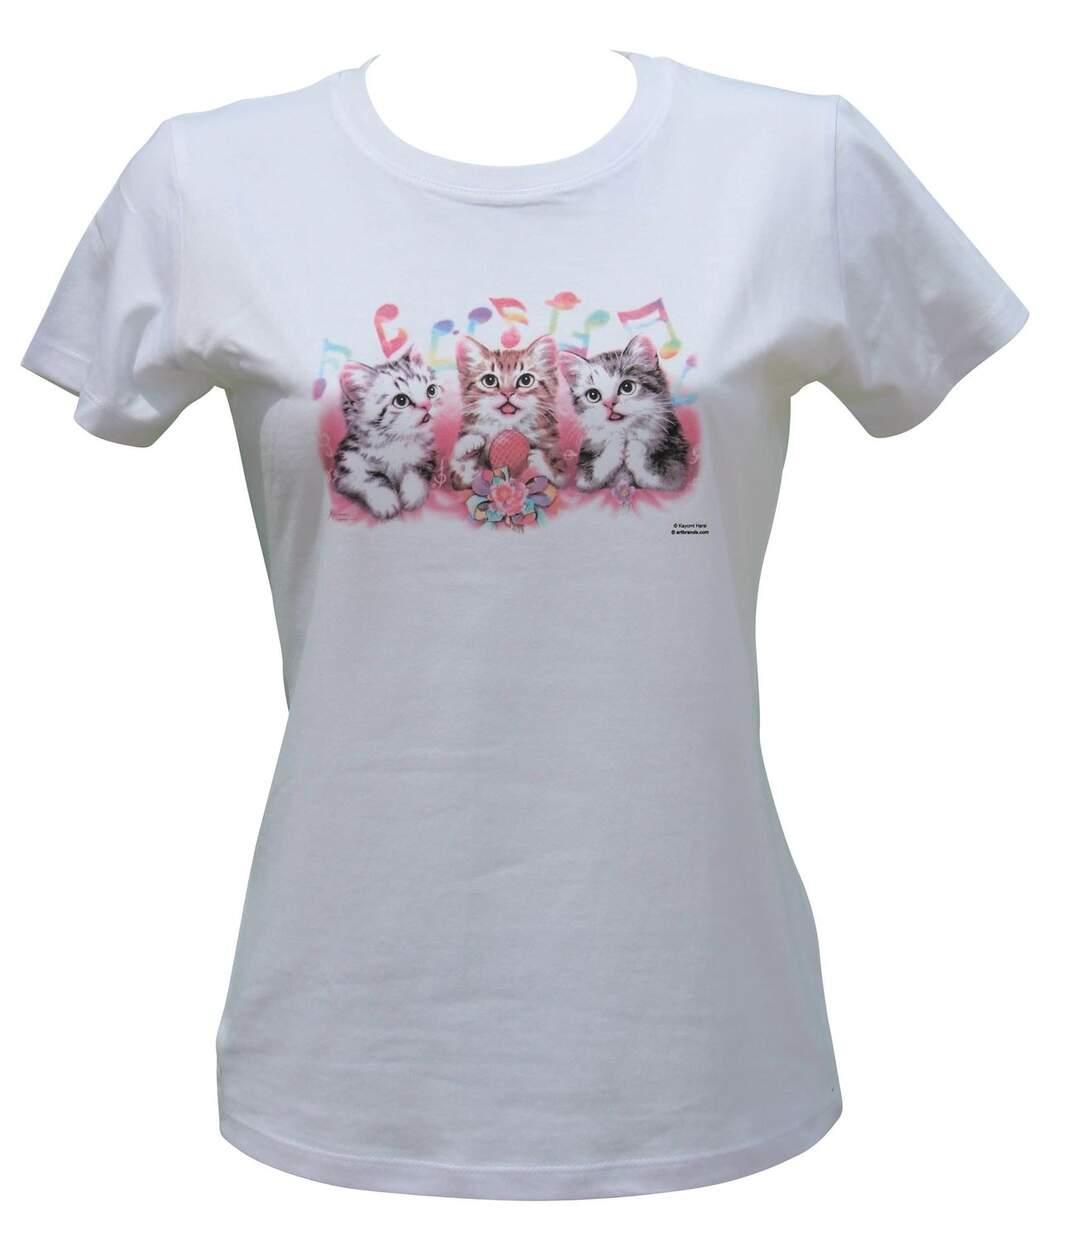 Dégagement T-shirt femme manches courtes Chats solar 11774 blanc dsf.d455nksdKLFHG